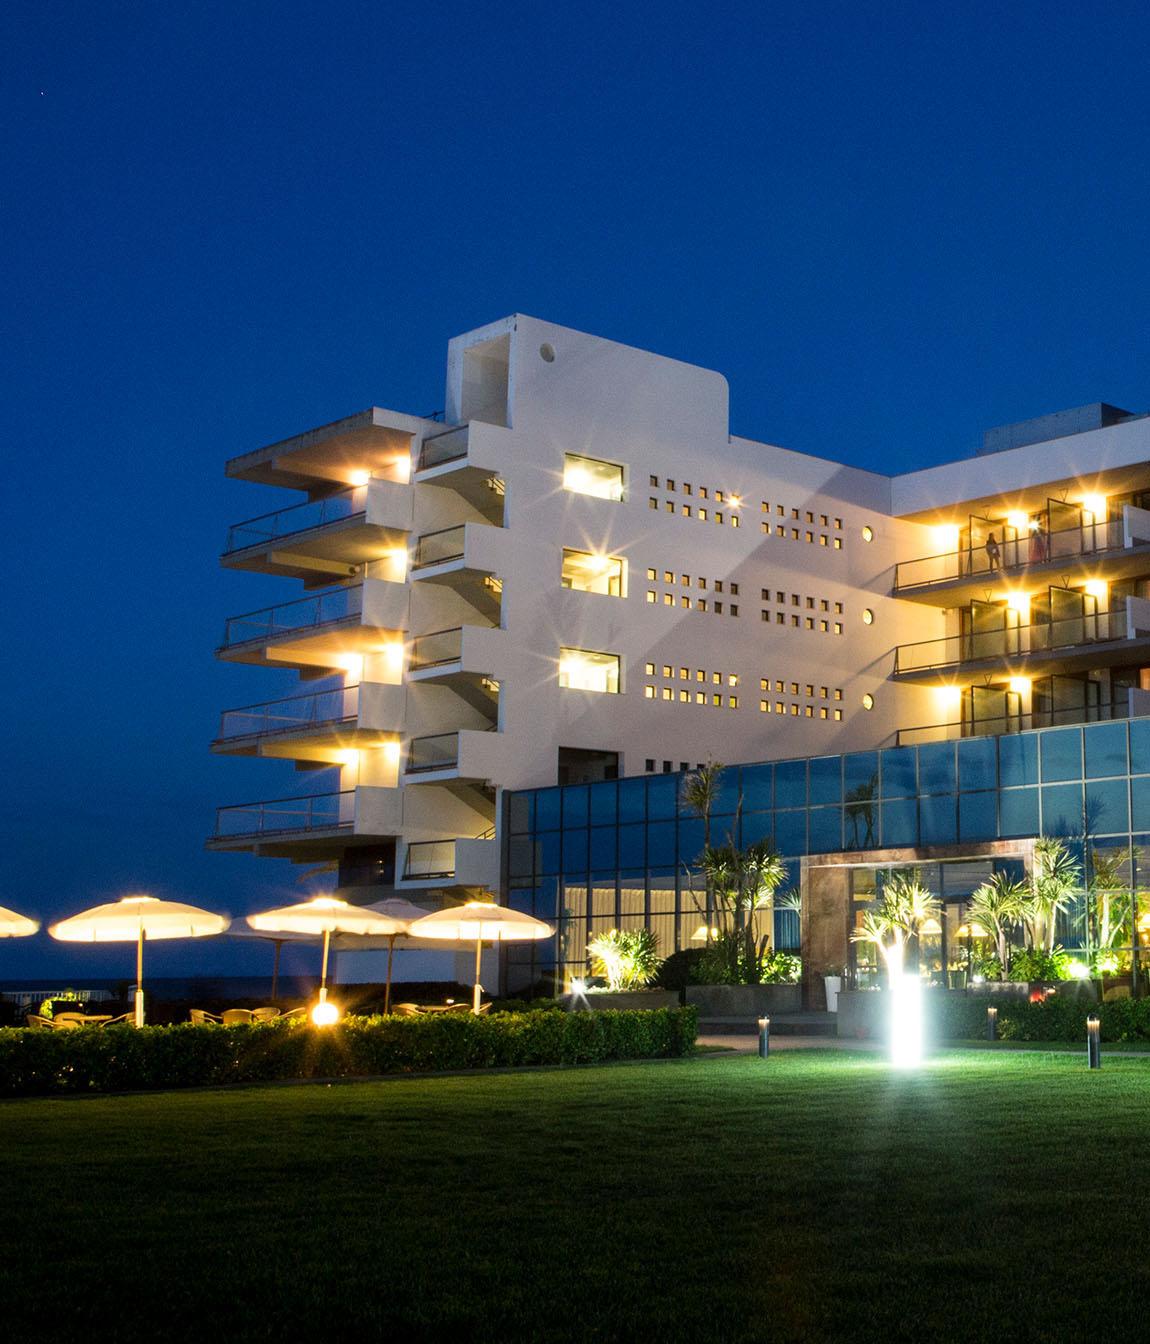 hotel_berti_facciata_notte